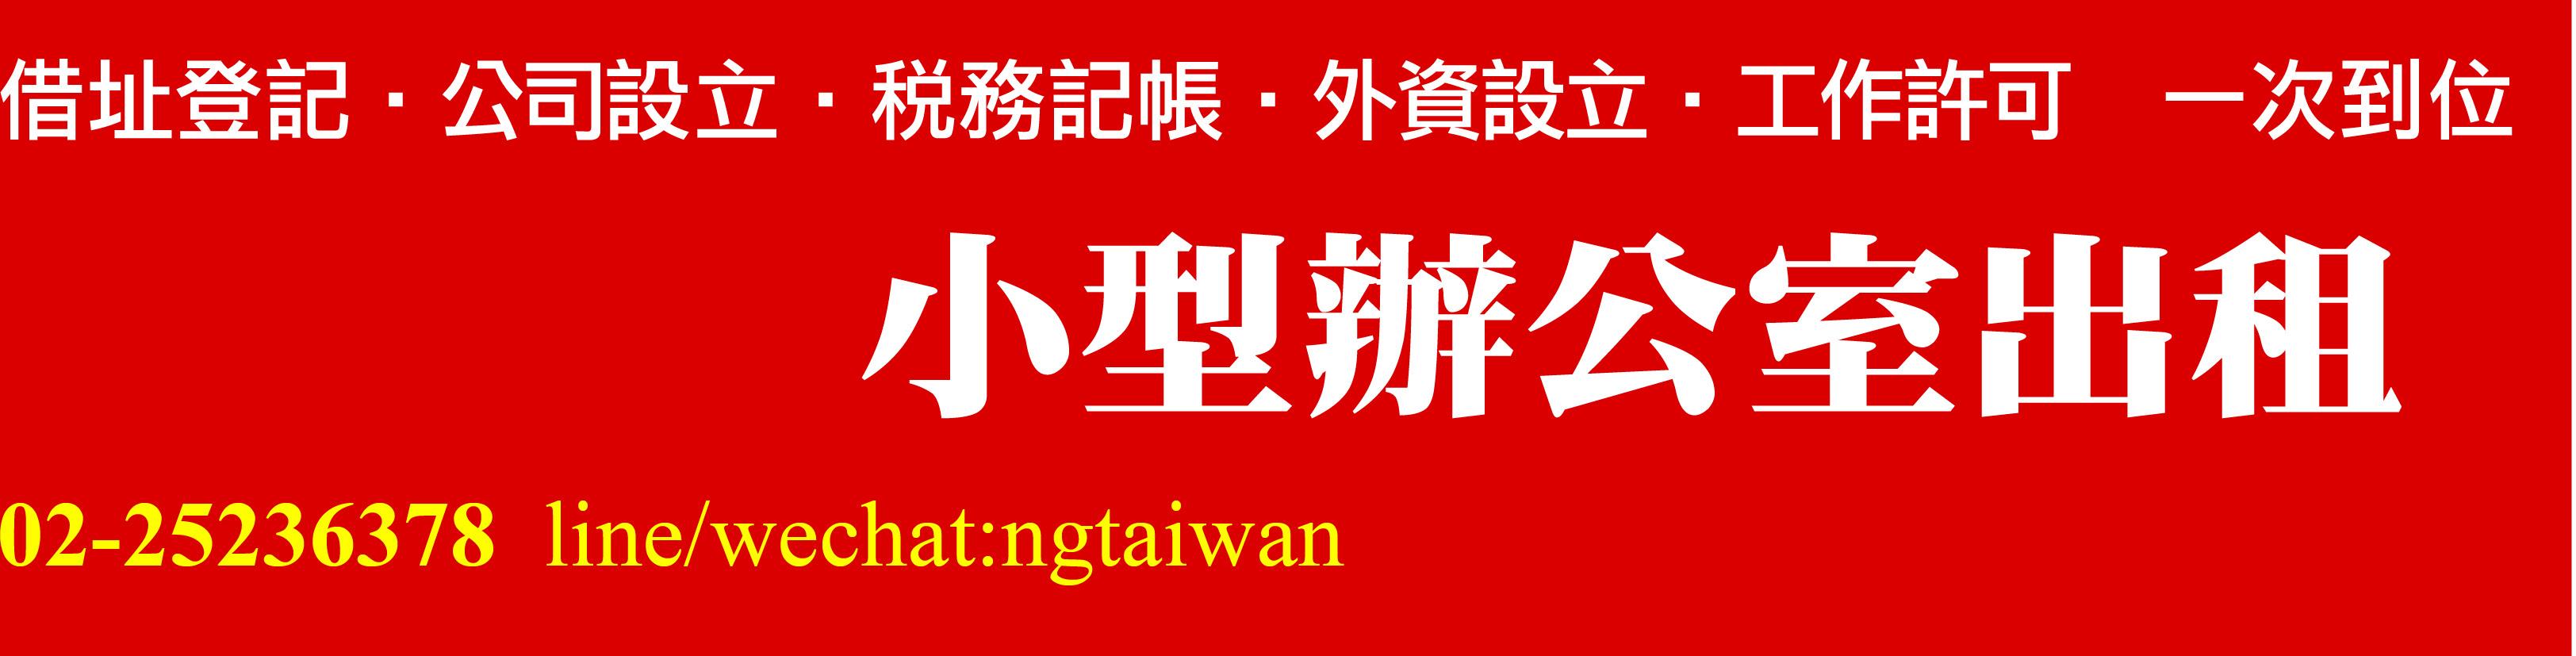 台北888商務中心 首圖